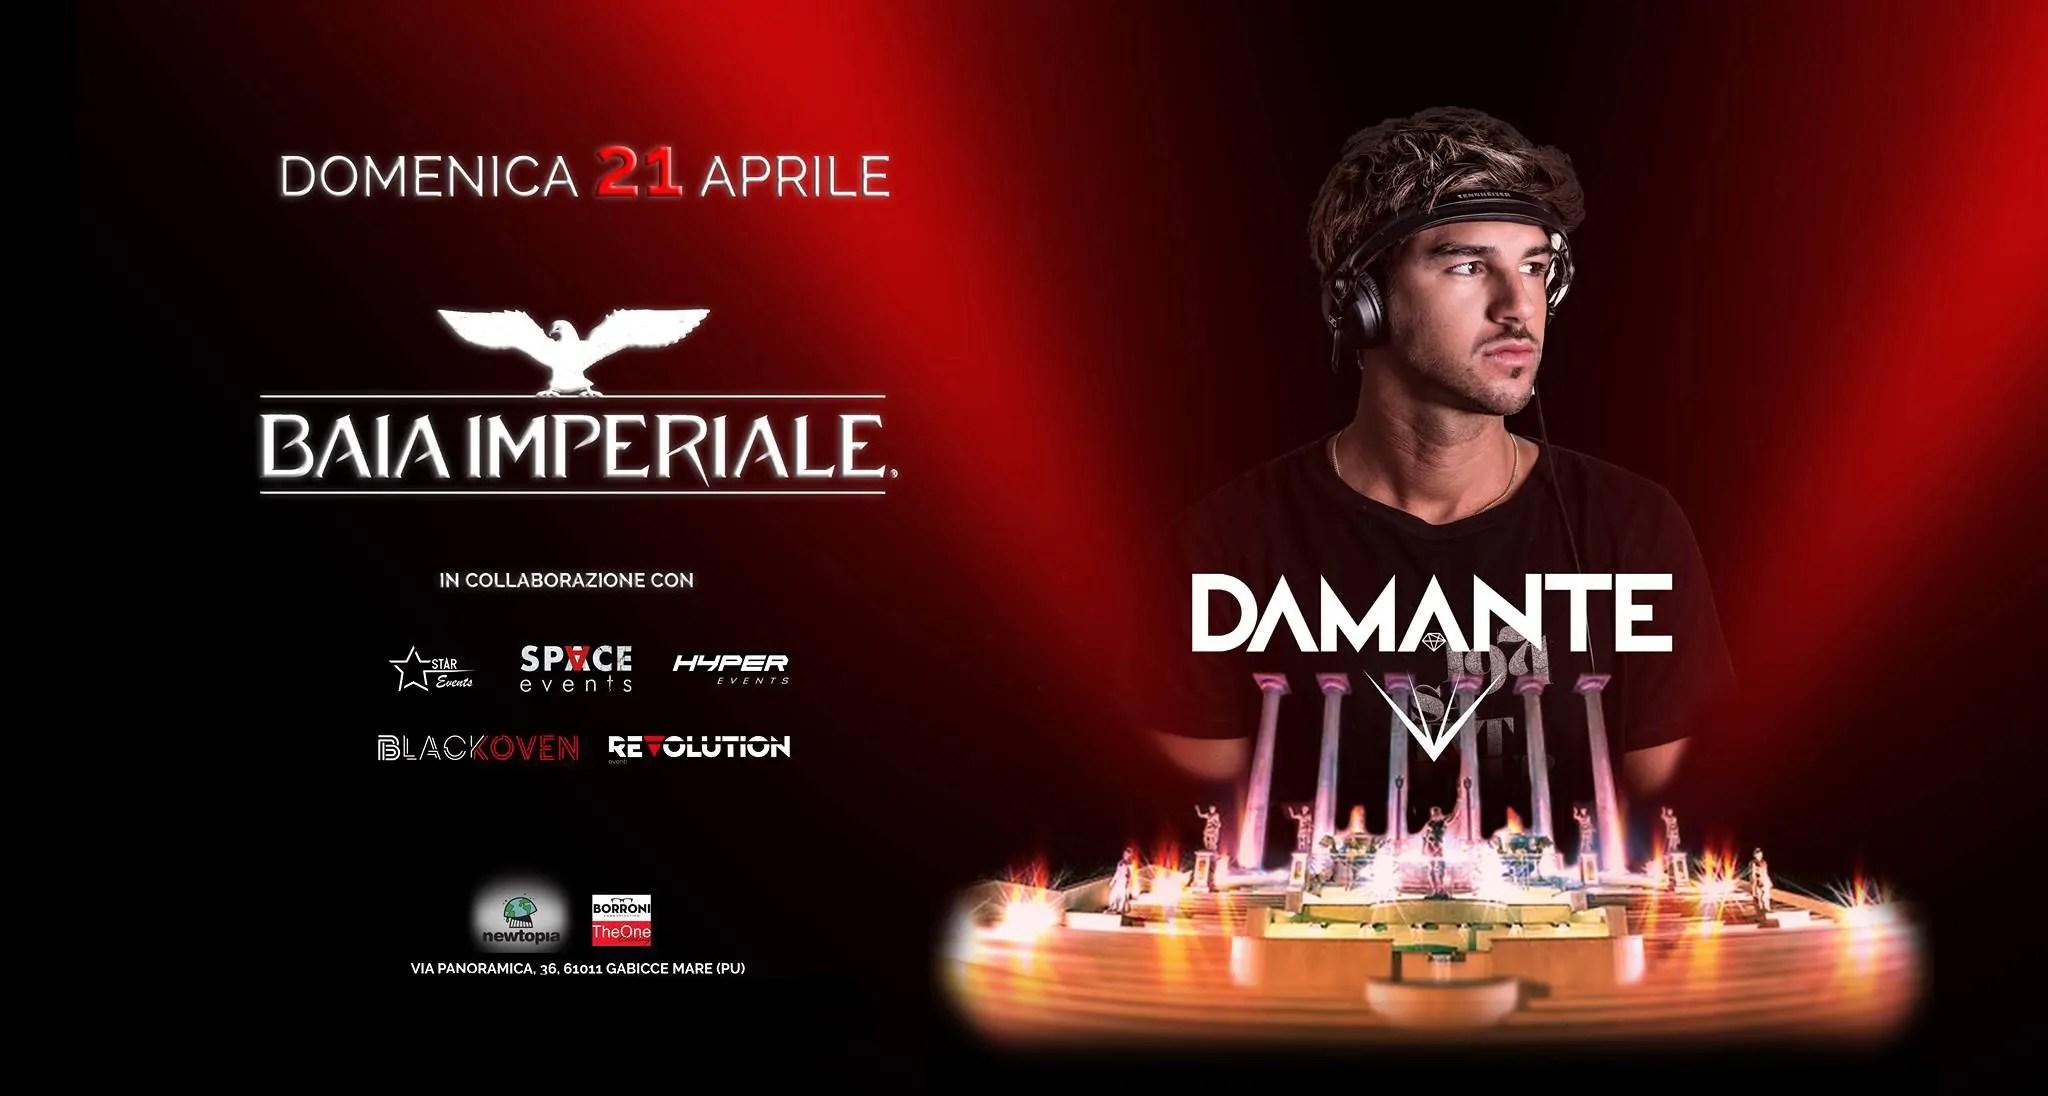 PASQUA 2019 alla BAIA IMPERIALE – ANDREA DAMANTE – 21 Aprile 2019 | Ticket Tavoli Pacchetti hotel Prevendite